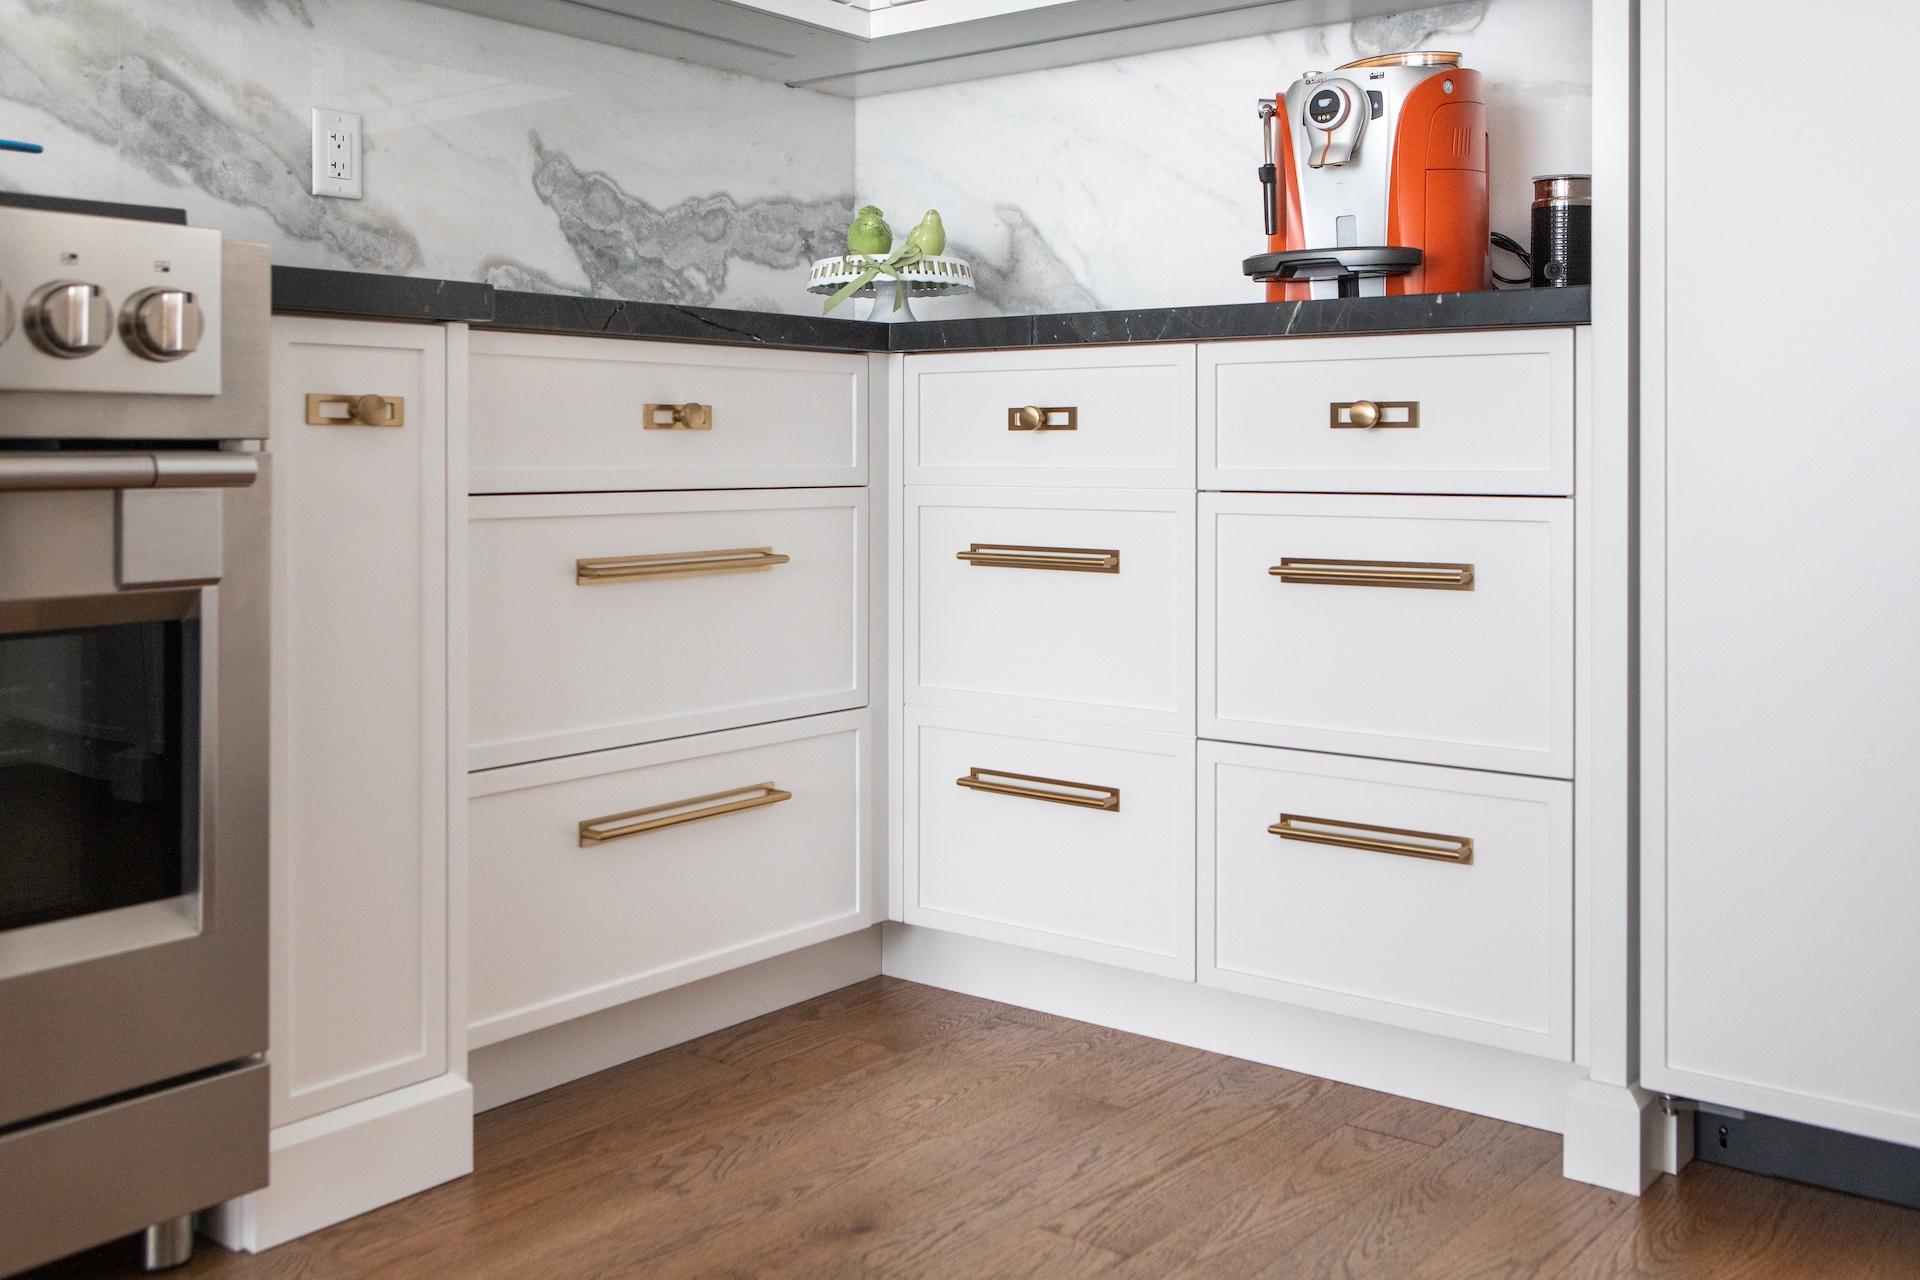 Kitchen cabinets with espresso machine